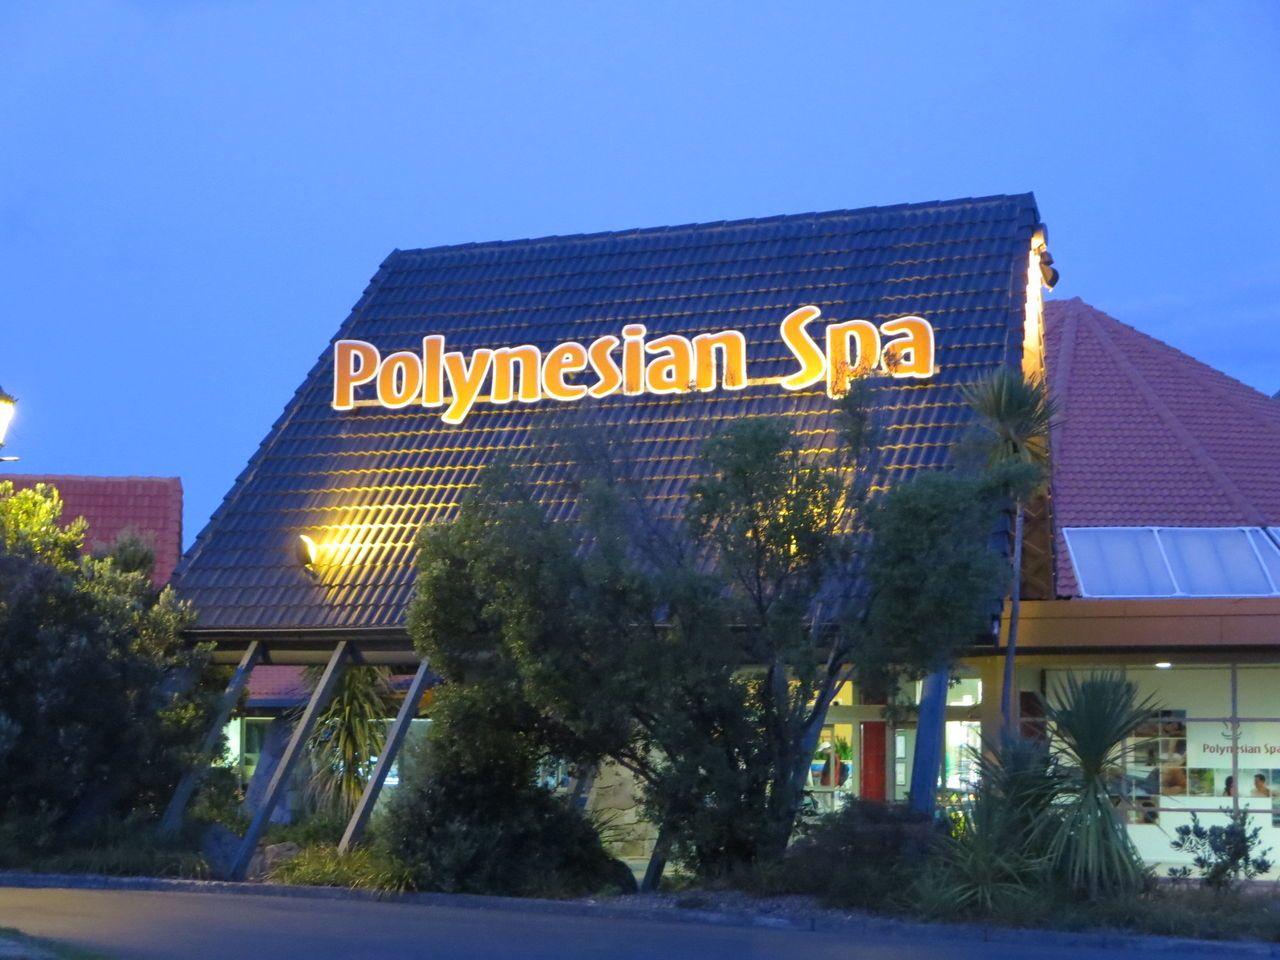 海外で最高の温泉を楽しむ ポリネシアン・スパ